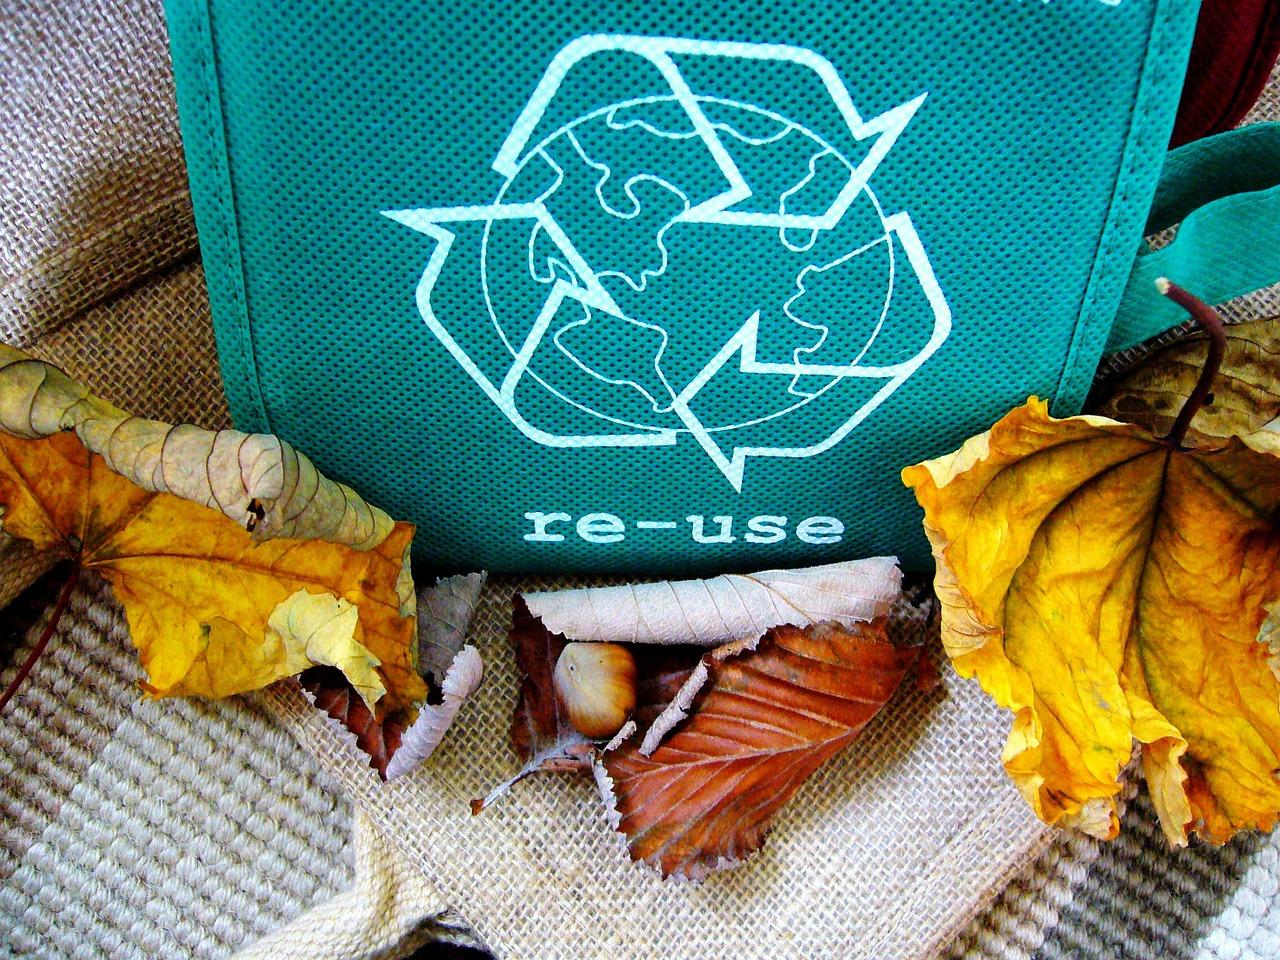 Reciclar es una de las acciones más importantes que, a pequeña escala, podemos llevar a cabo para luchar contra el calentamiento global